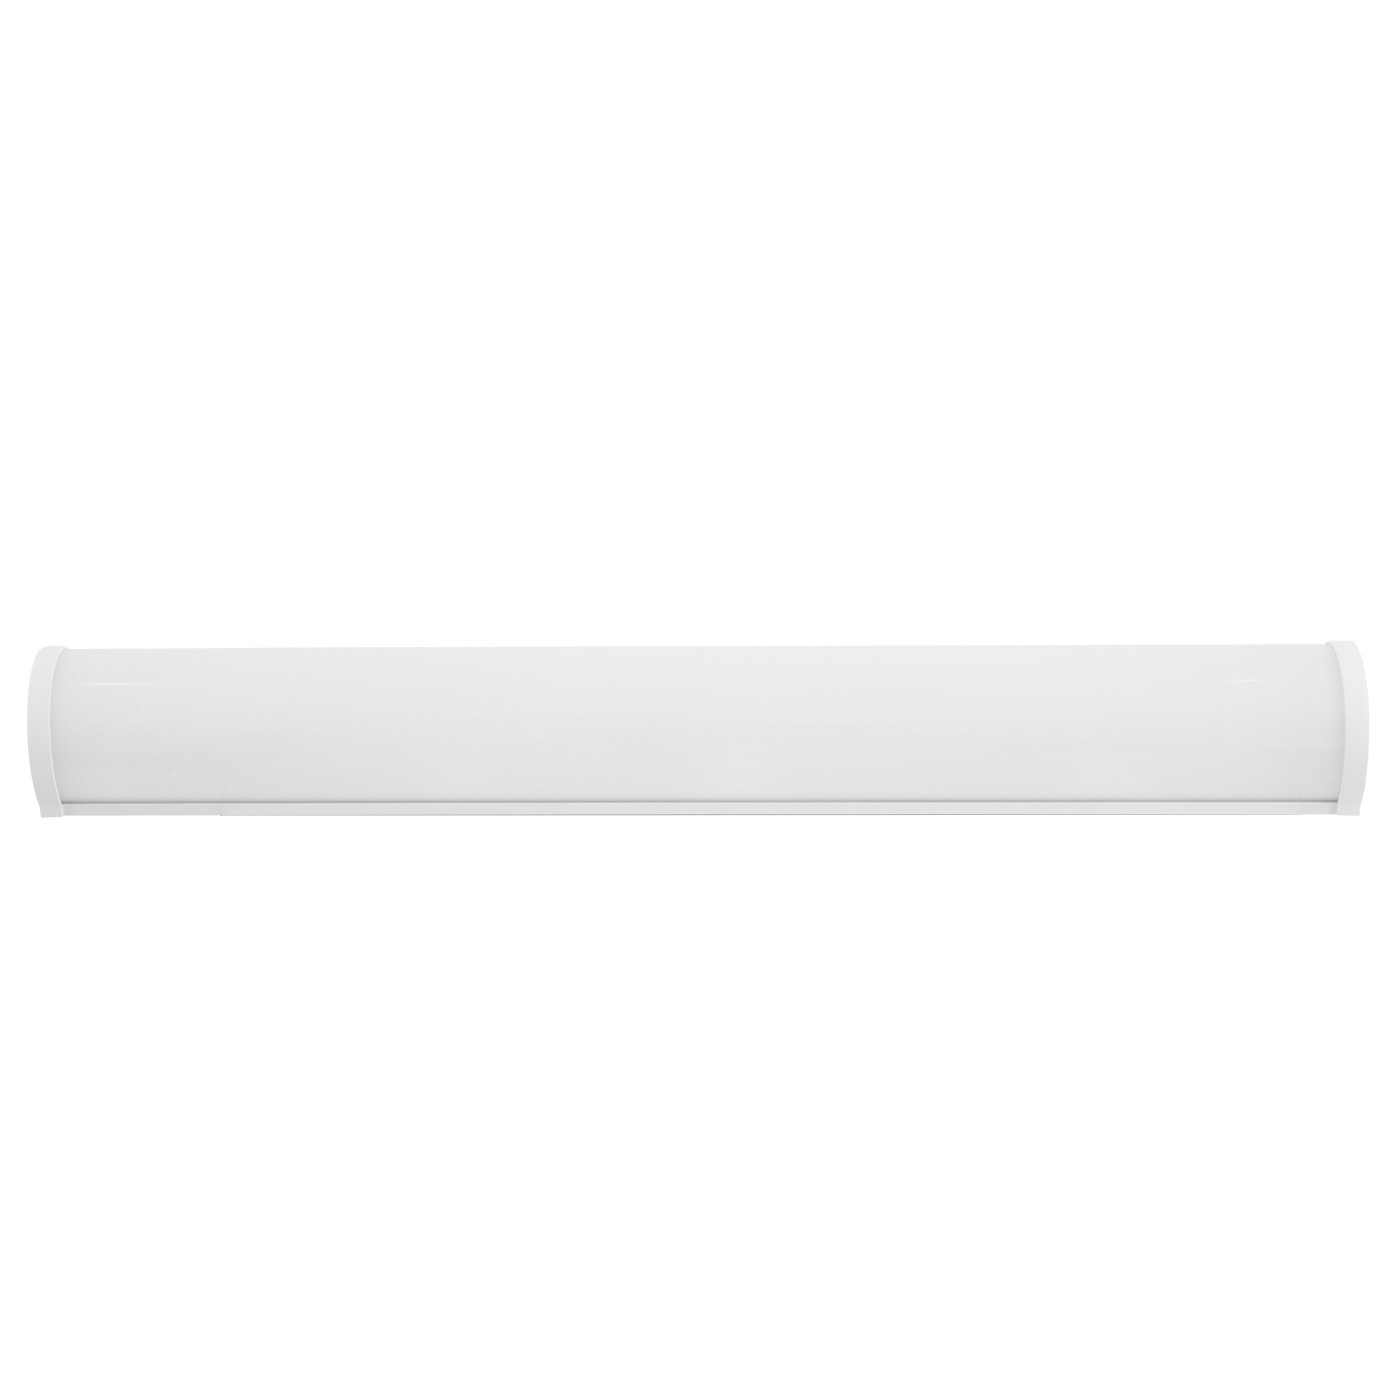 Bega 50215.1 Wandleuchte LED, weiß, DALI dimmbar